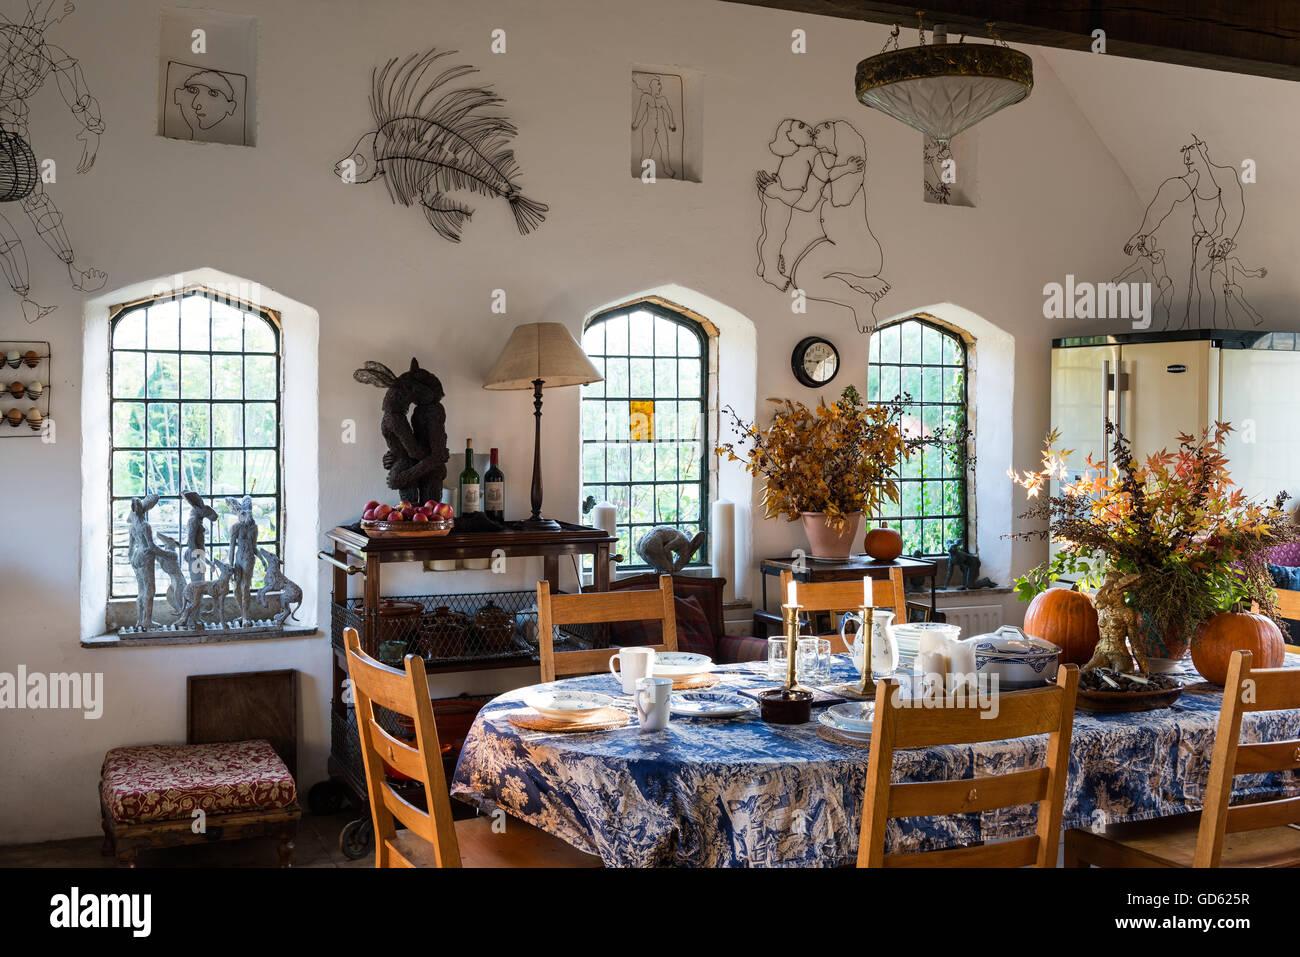 Sala Da Pranzo Rustica : Sensazione rustica grande cucina sala da pranzo adornata con sophie